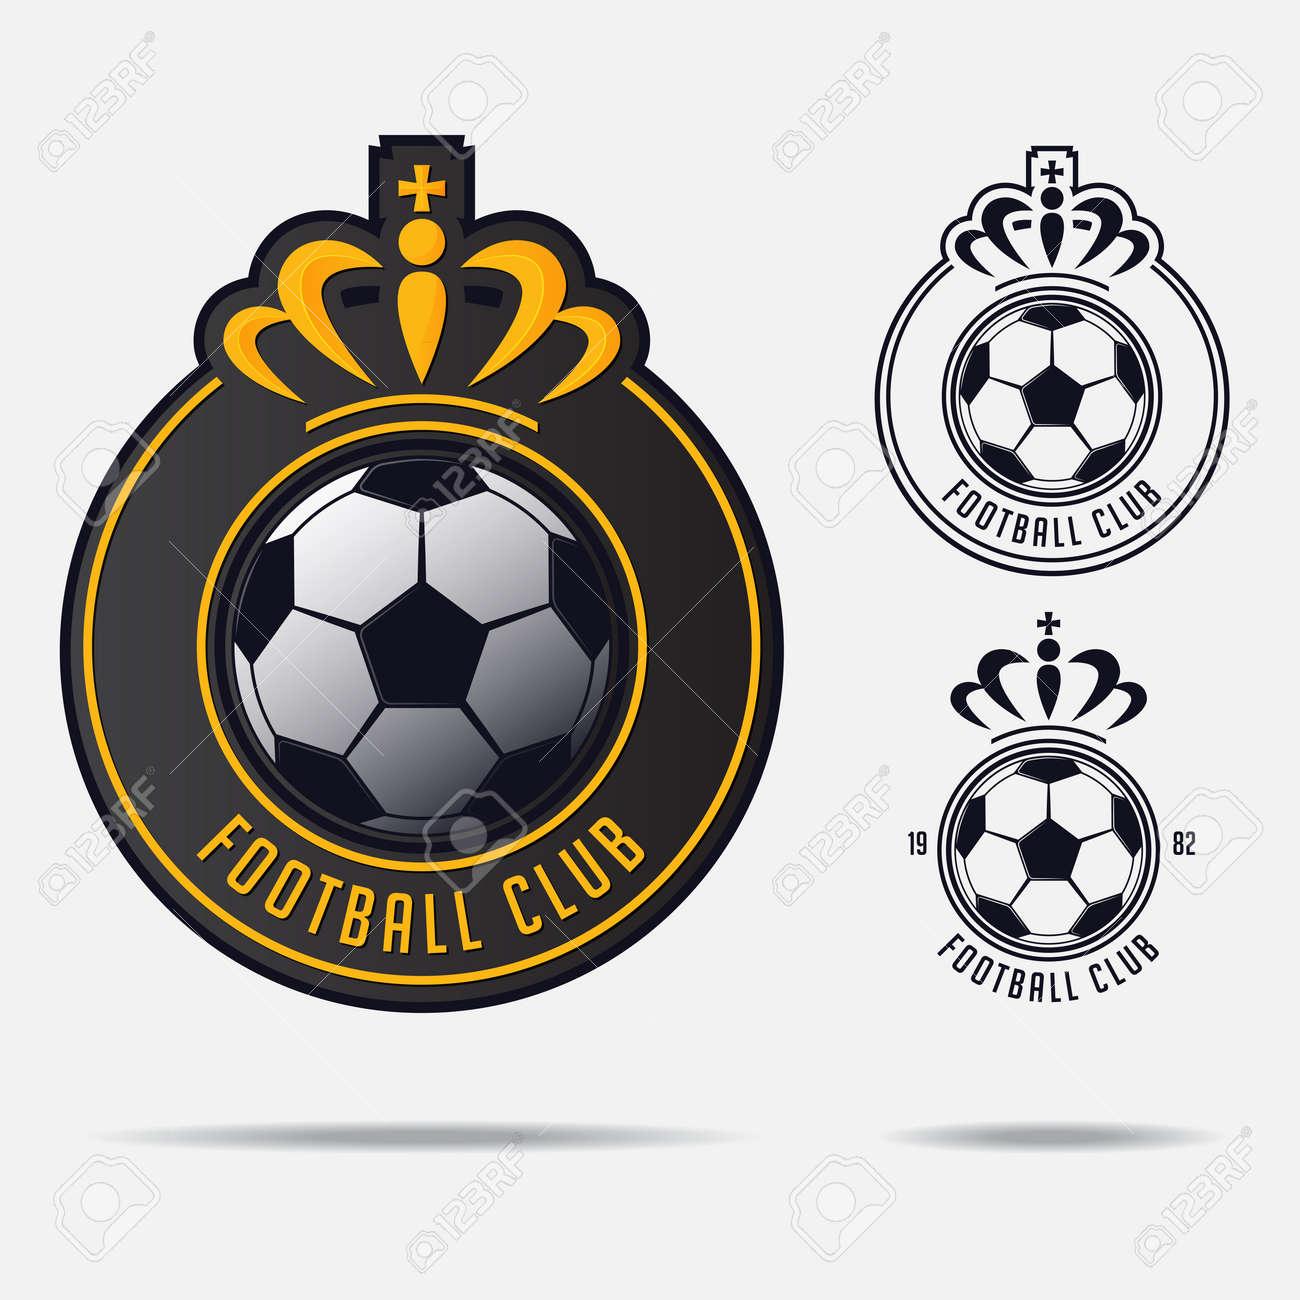 Soccer Emblem Or Football Badge Logo Design For Football Team. Minimal  Design Of Golden Crown